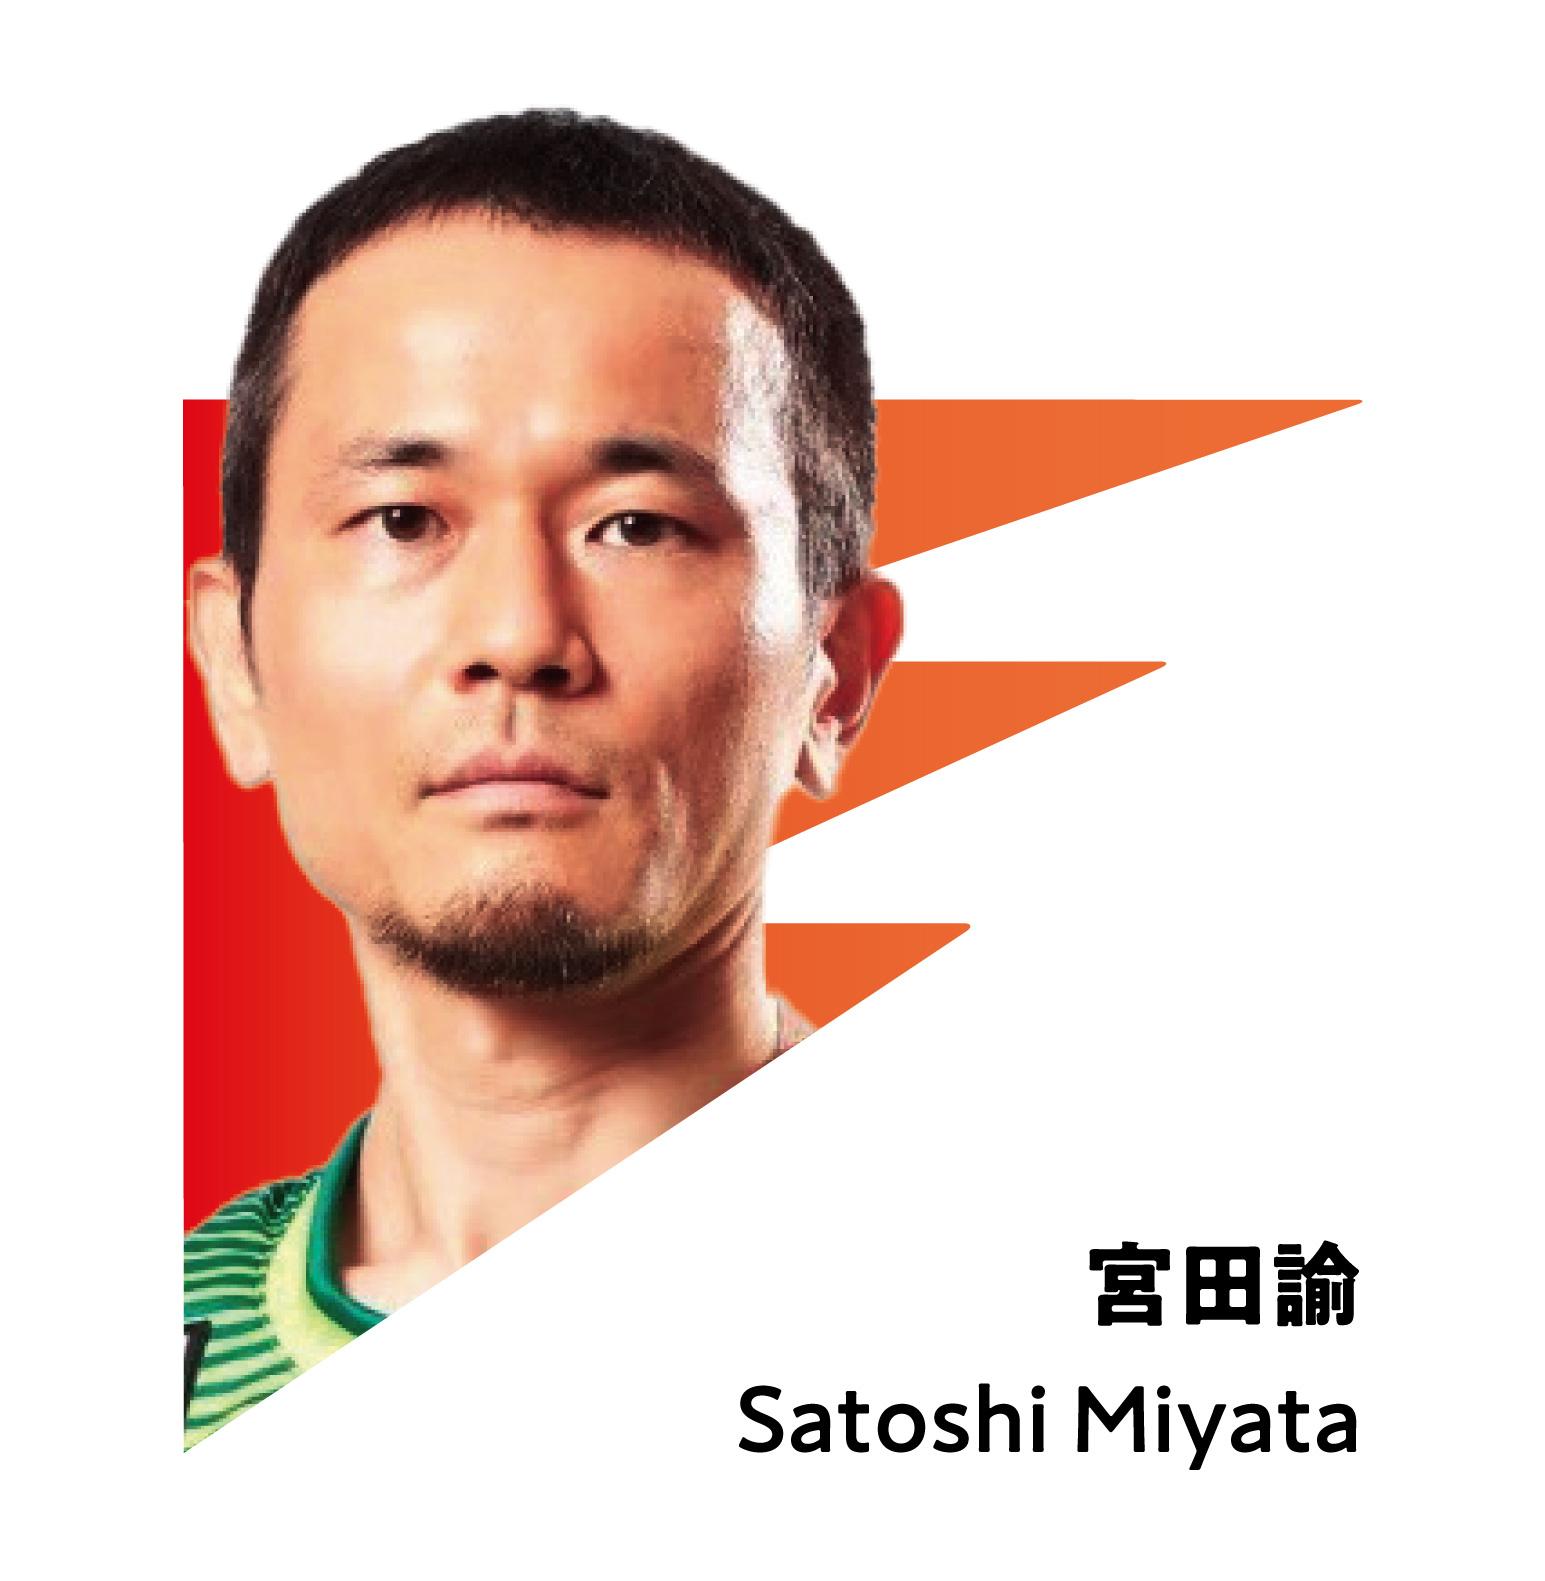 SATOSHI MIYATA